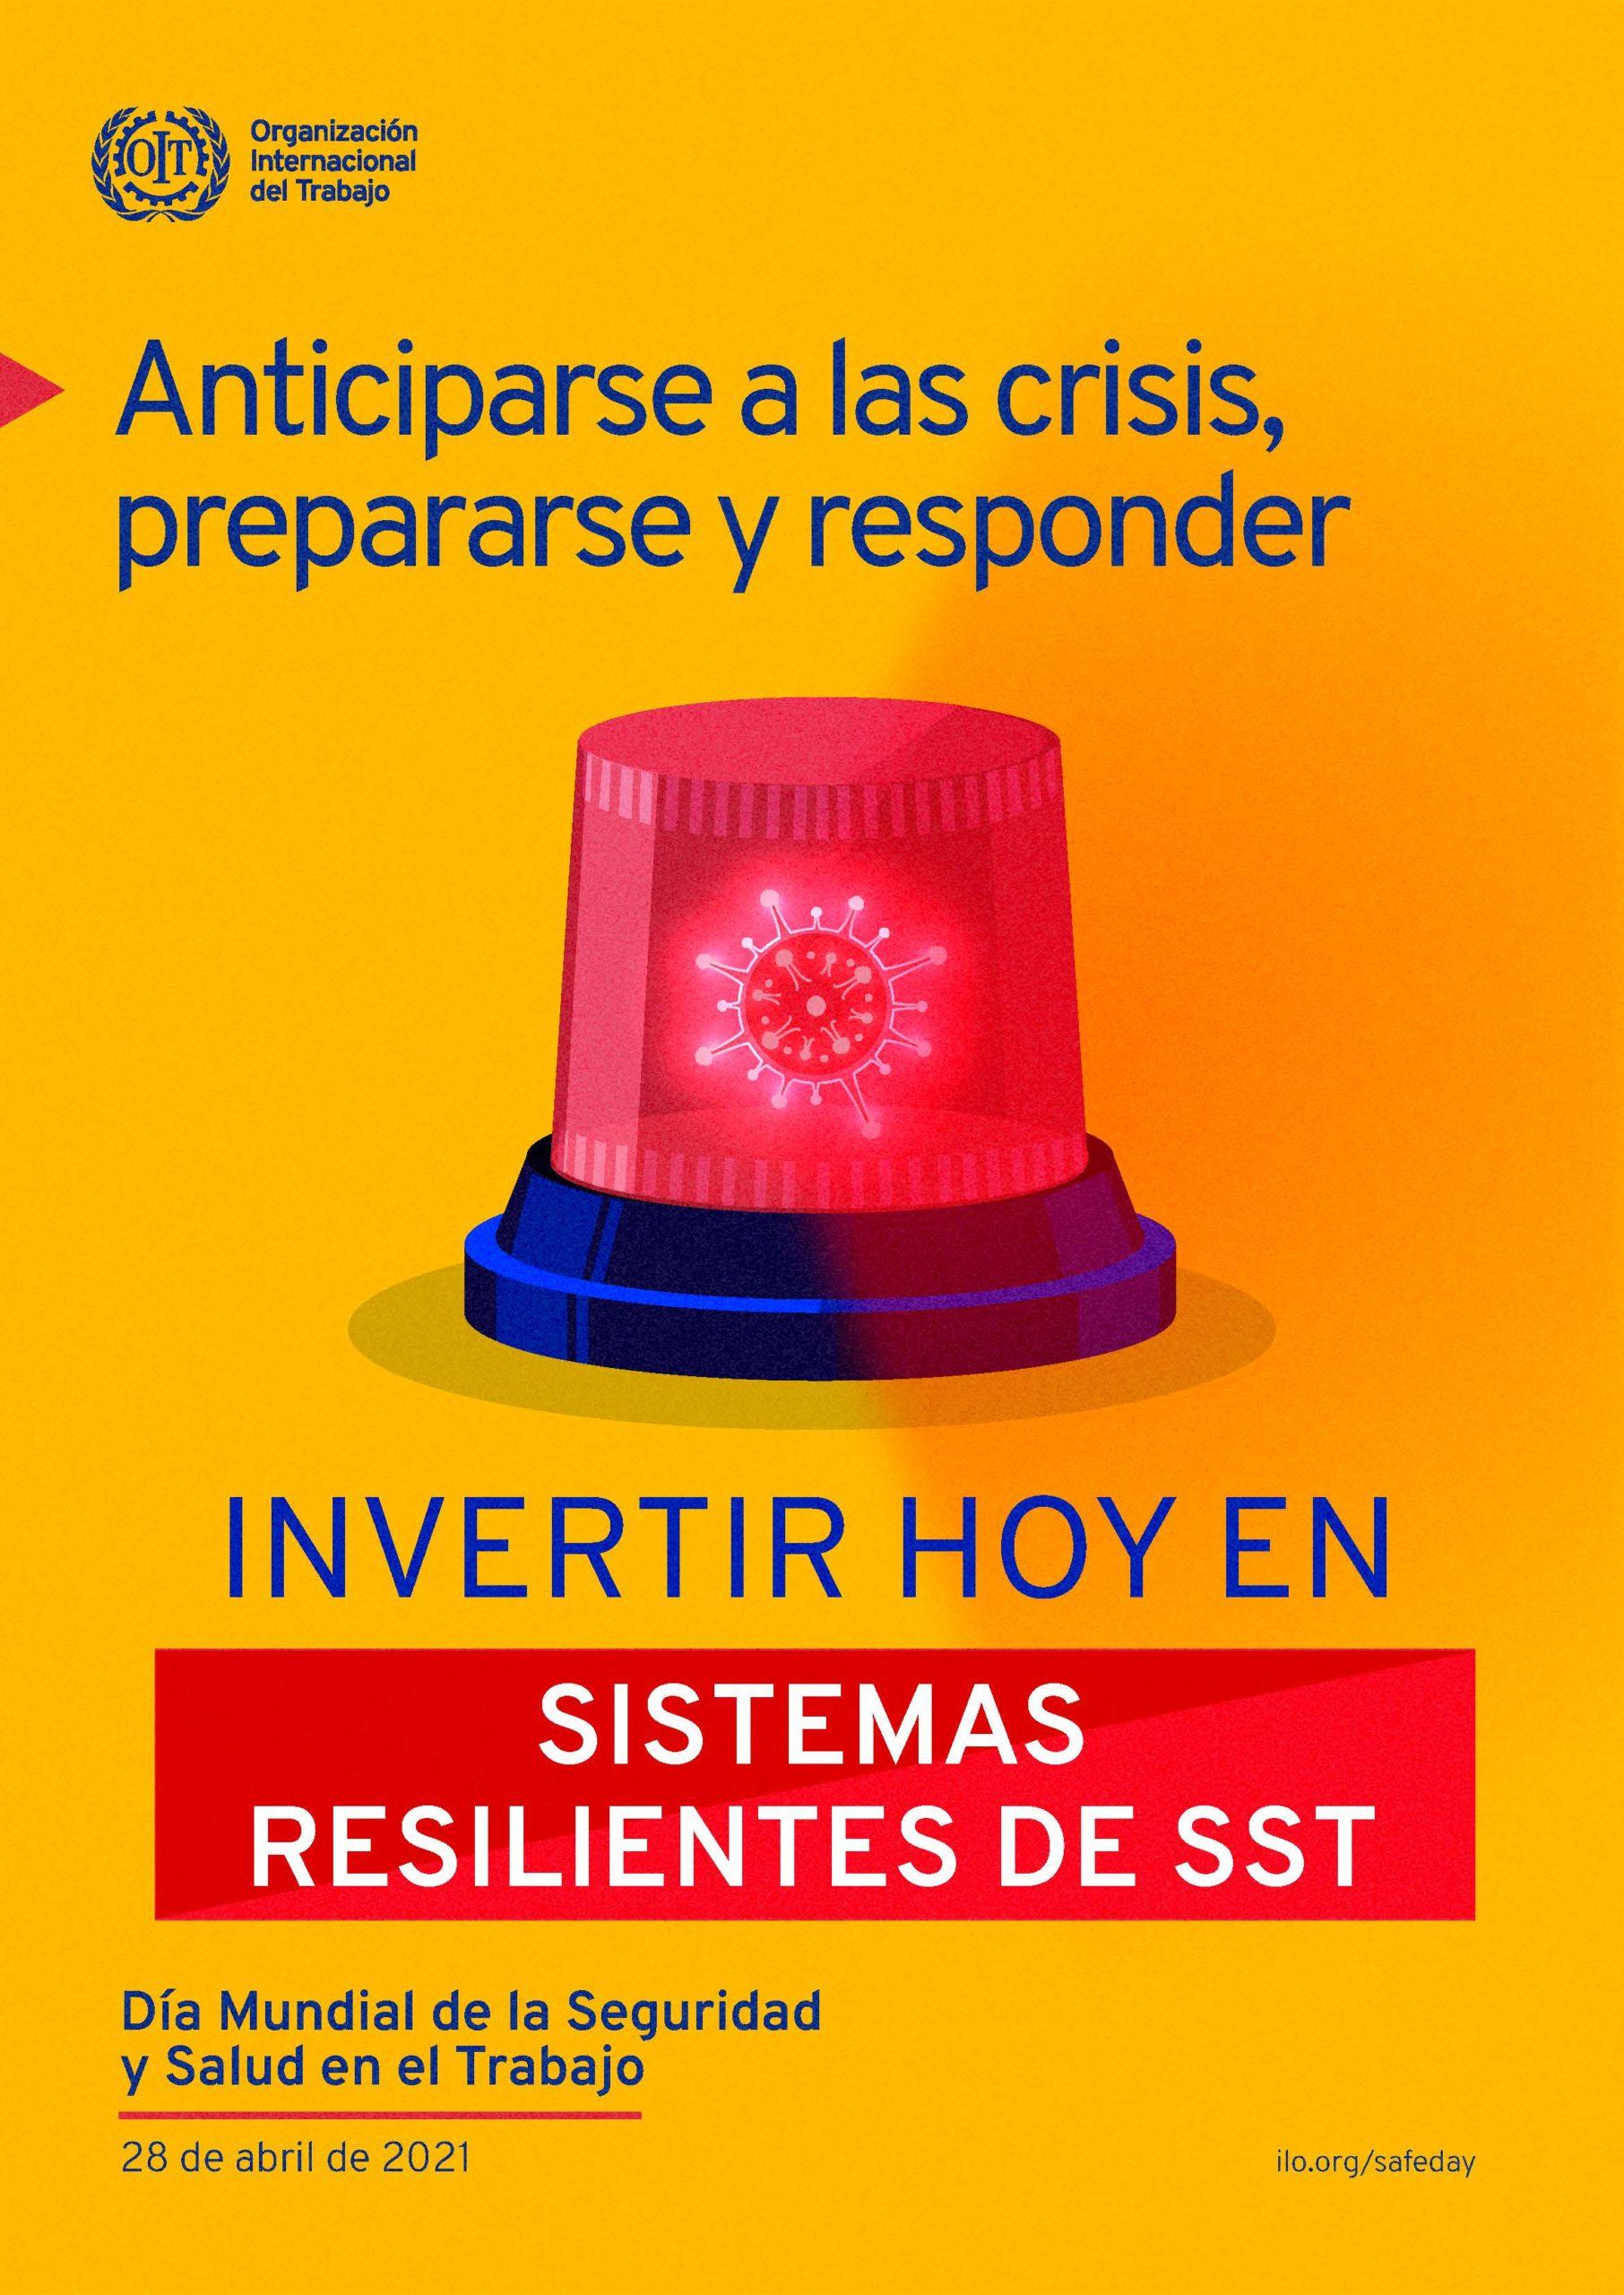 Día Mundial de la Seguridad y Salud en el Trabajo 2021